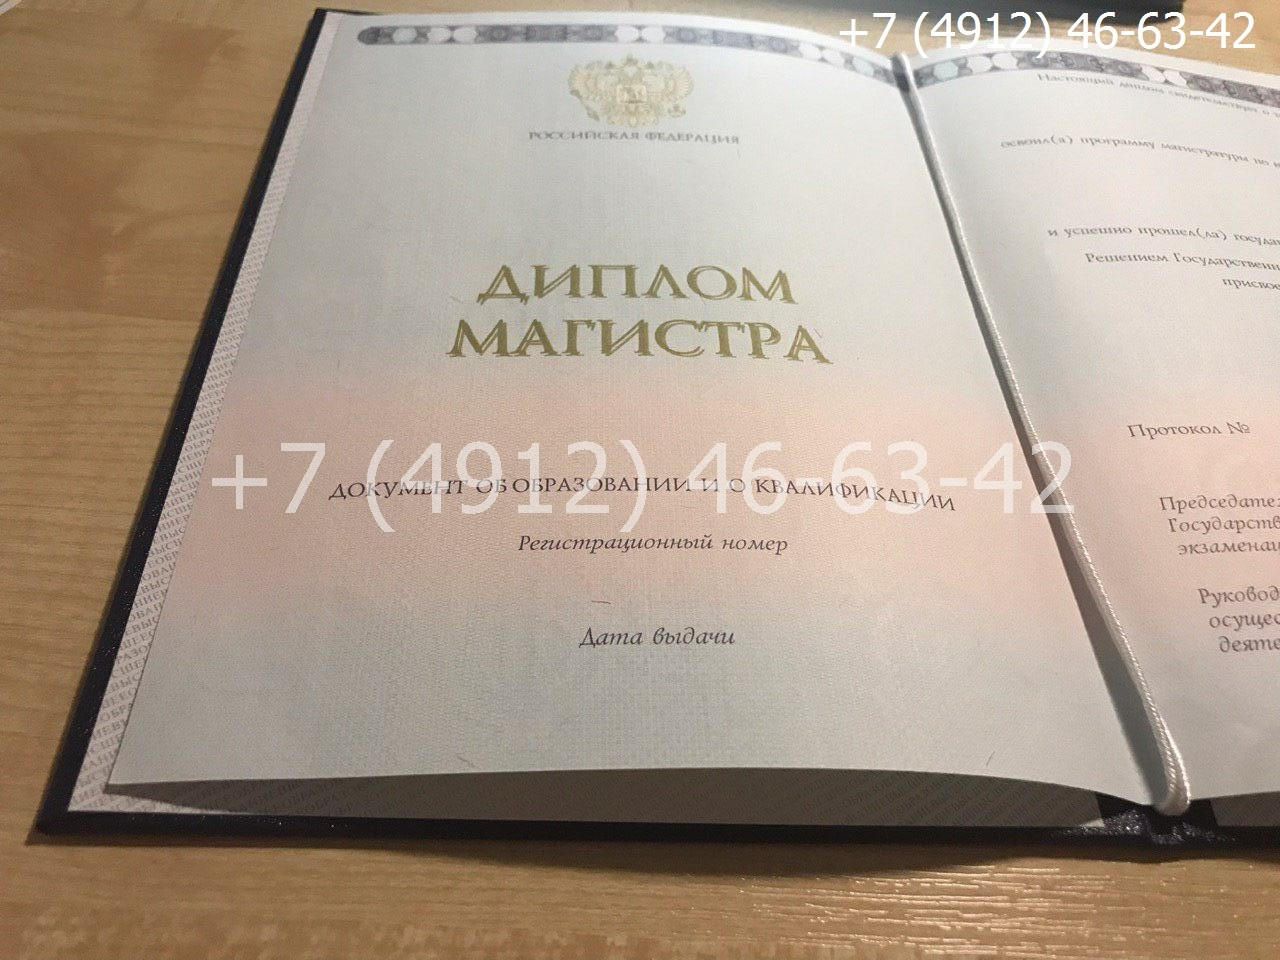 Диплом магистра 2014-2019 годов, нового образца, титульный лист